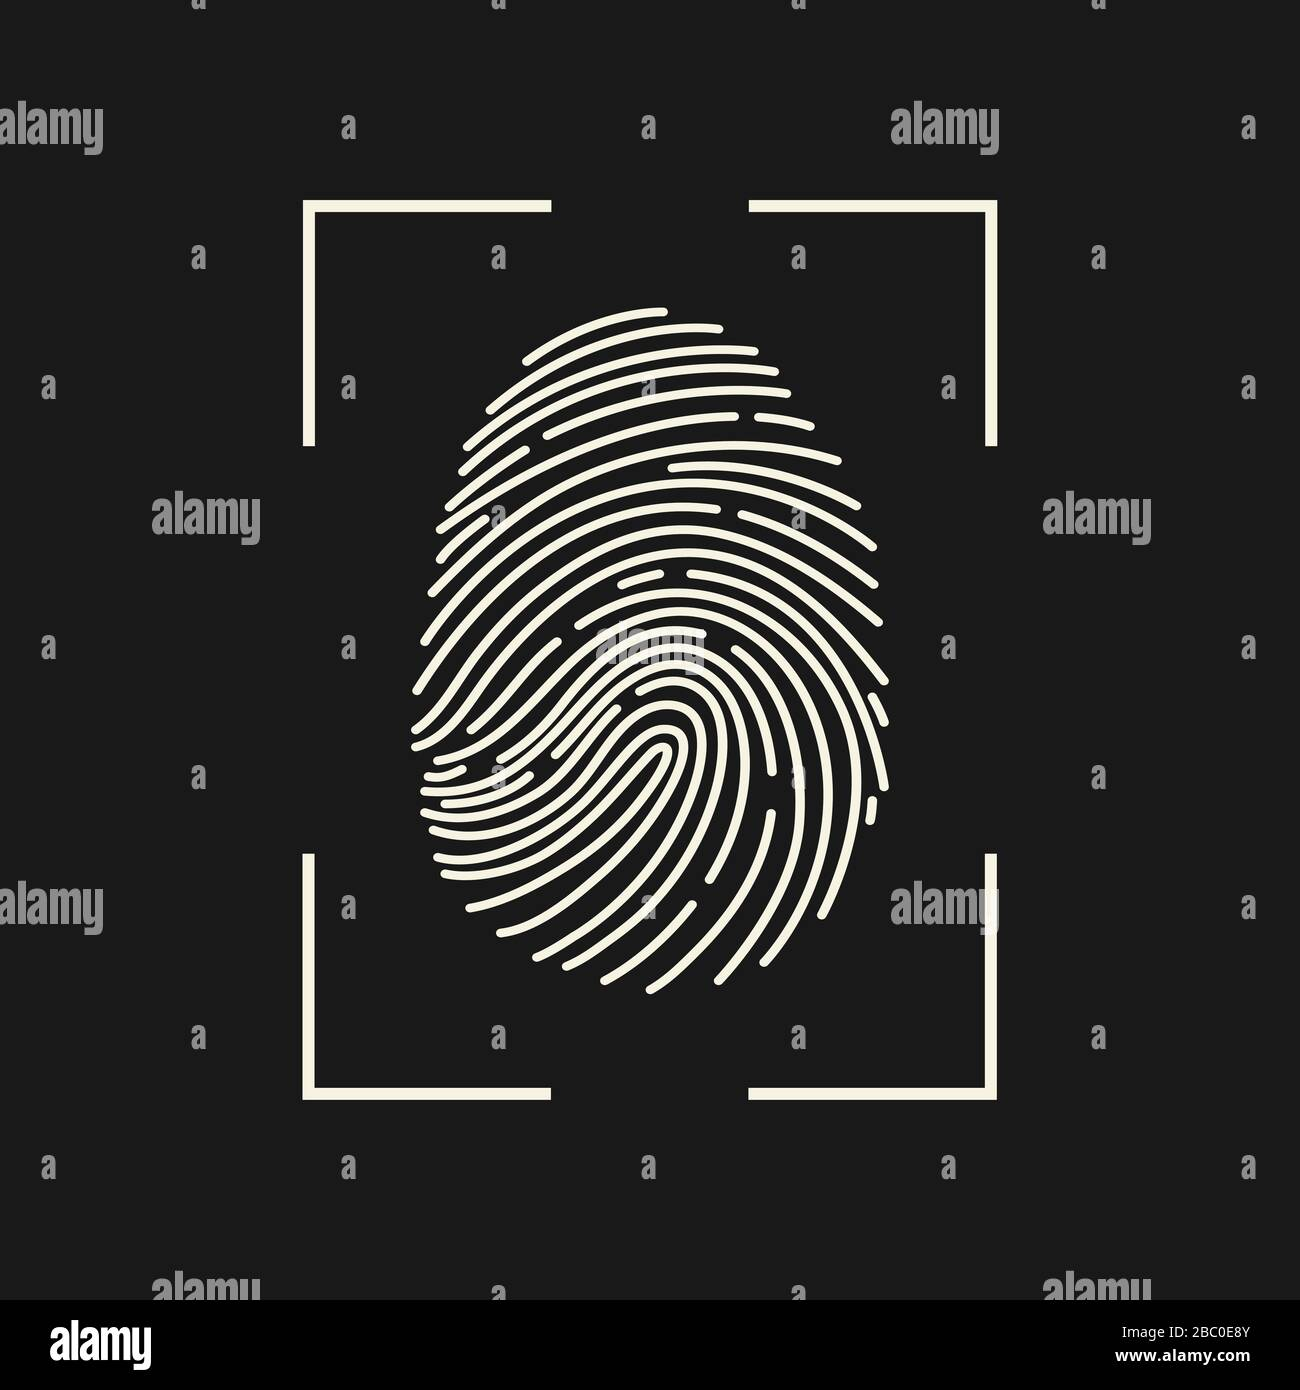 Fingerabdrucksymbol. Cyber-Sicherheitskonzept. Authentifizierungskonzept für digitale Sicherheit. Biometrische Autorisierung. Identifikation. Vektorgrafiken. Stock Vektor